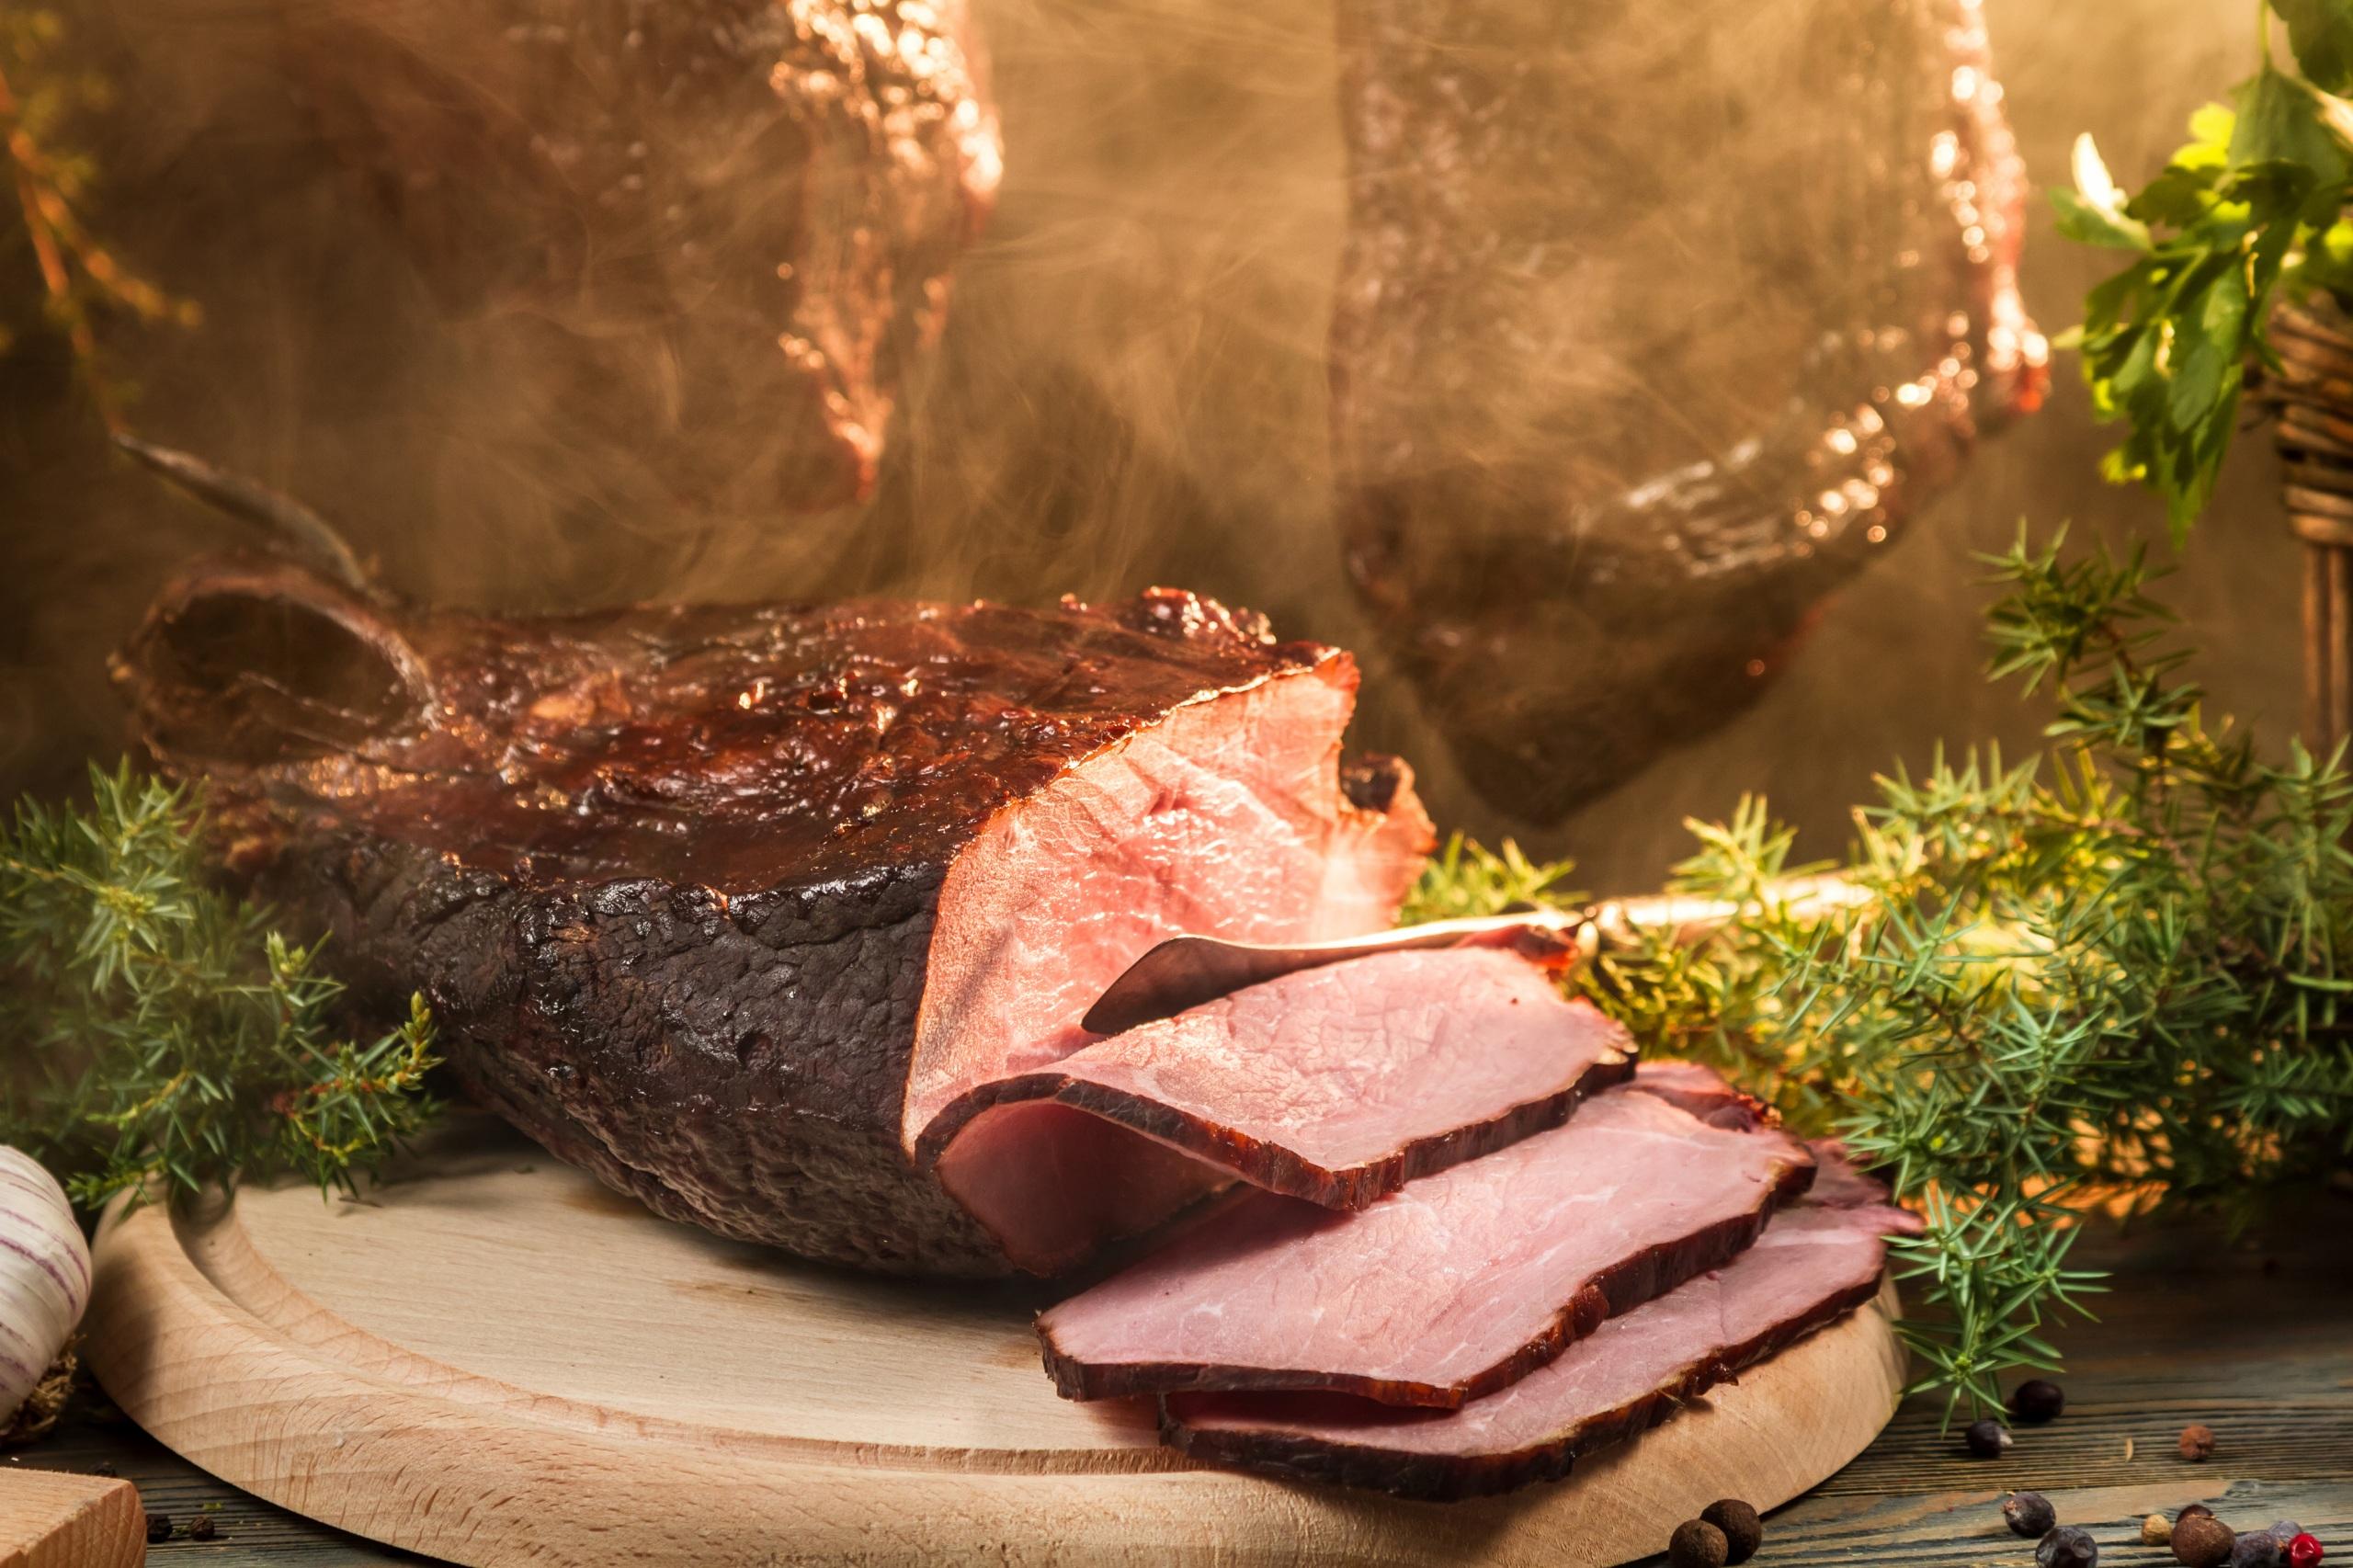 Картинки Ветчина Еда Нарезанные продукты Мясные продукты 2560x1706 Пища нарезка Продукты питания